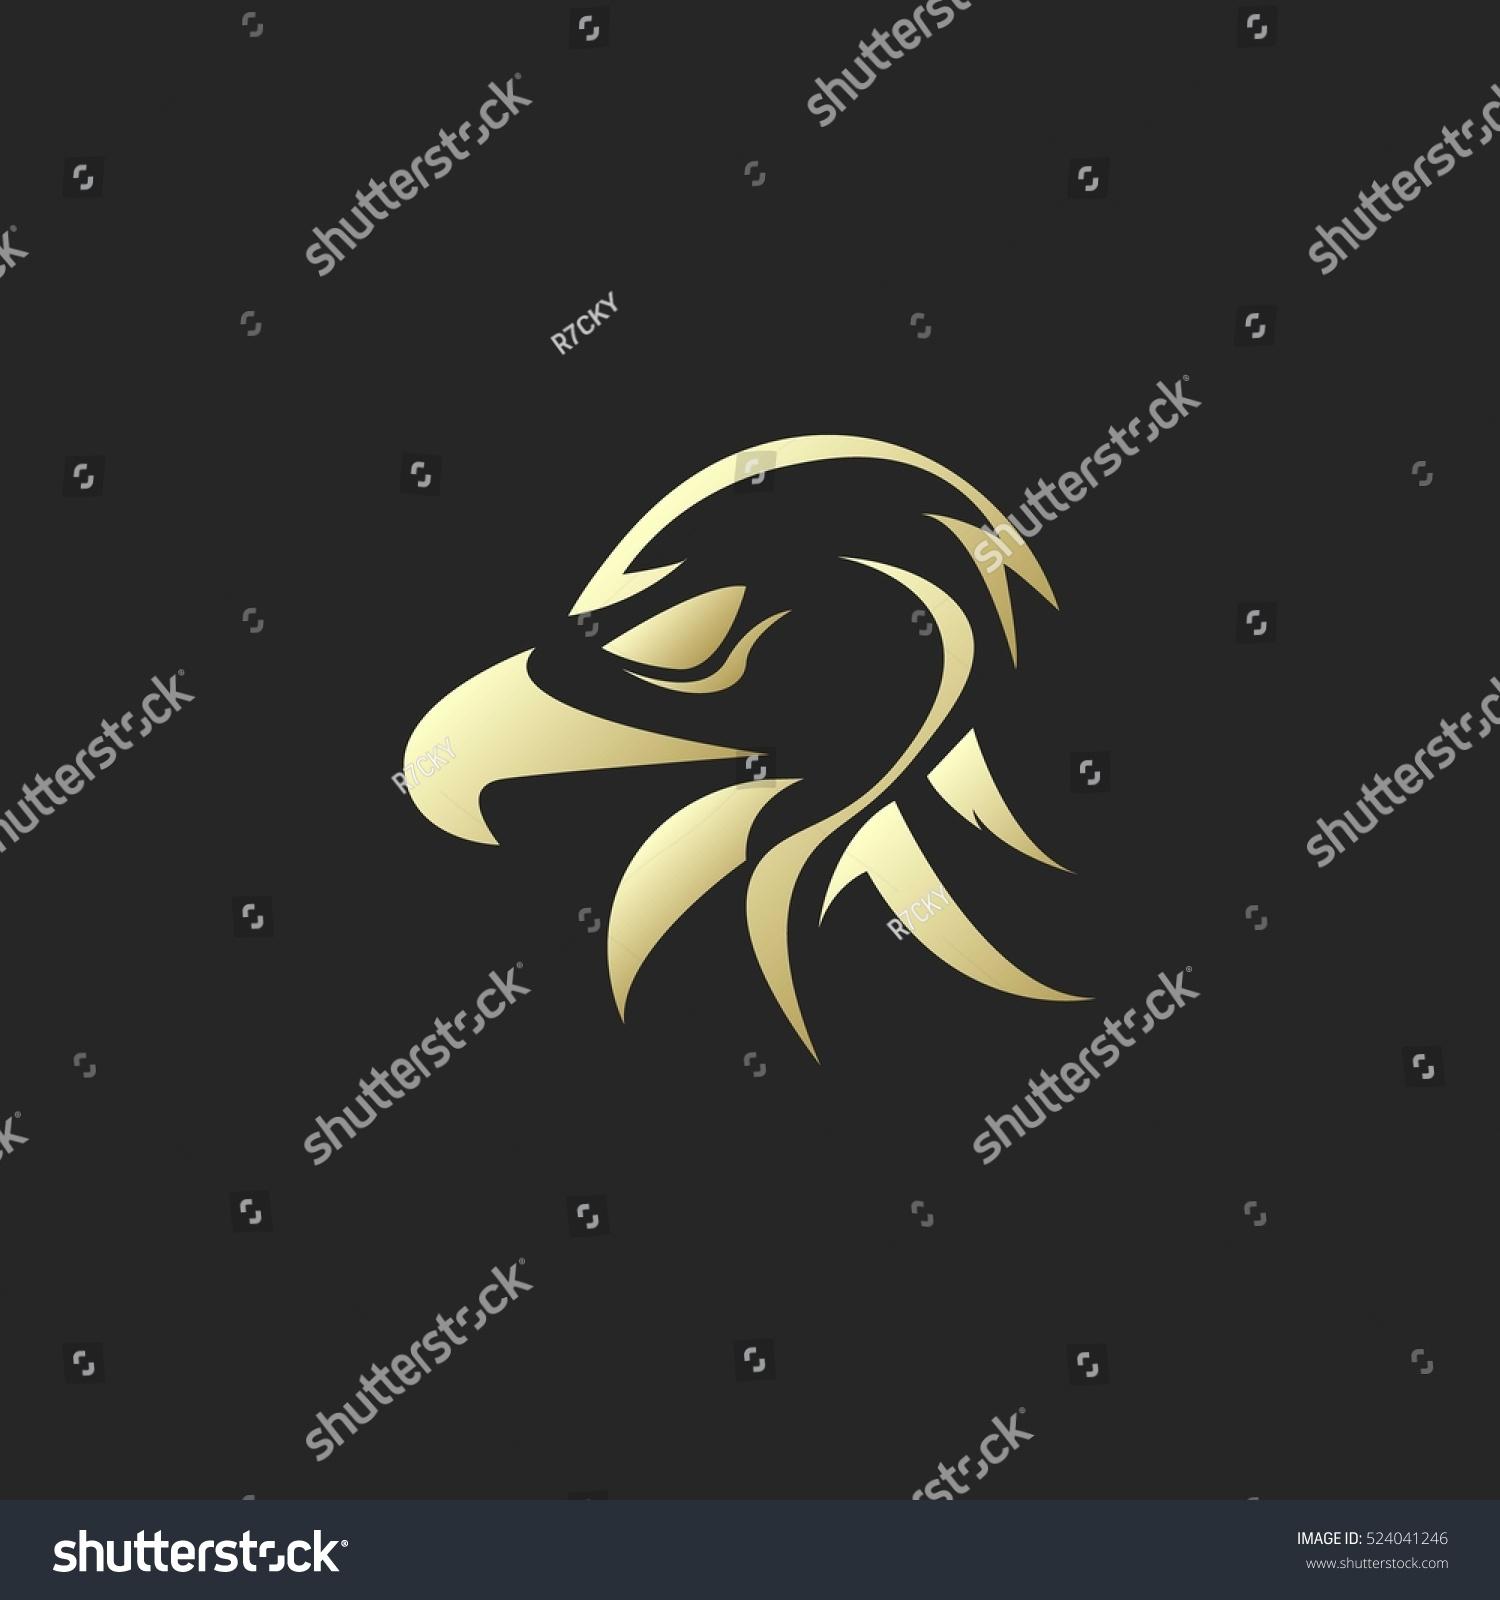 golden eagle head silhouette logo stock vector